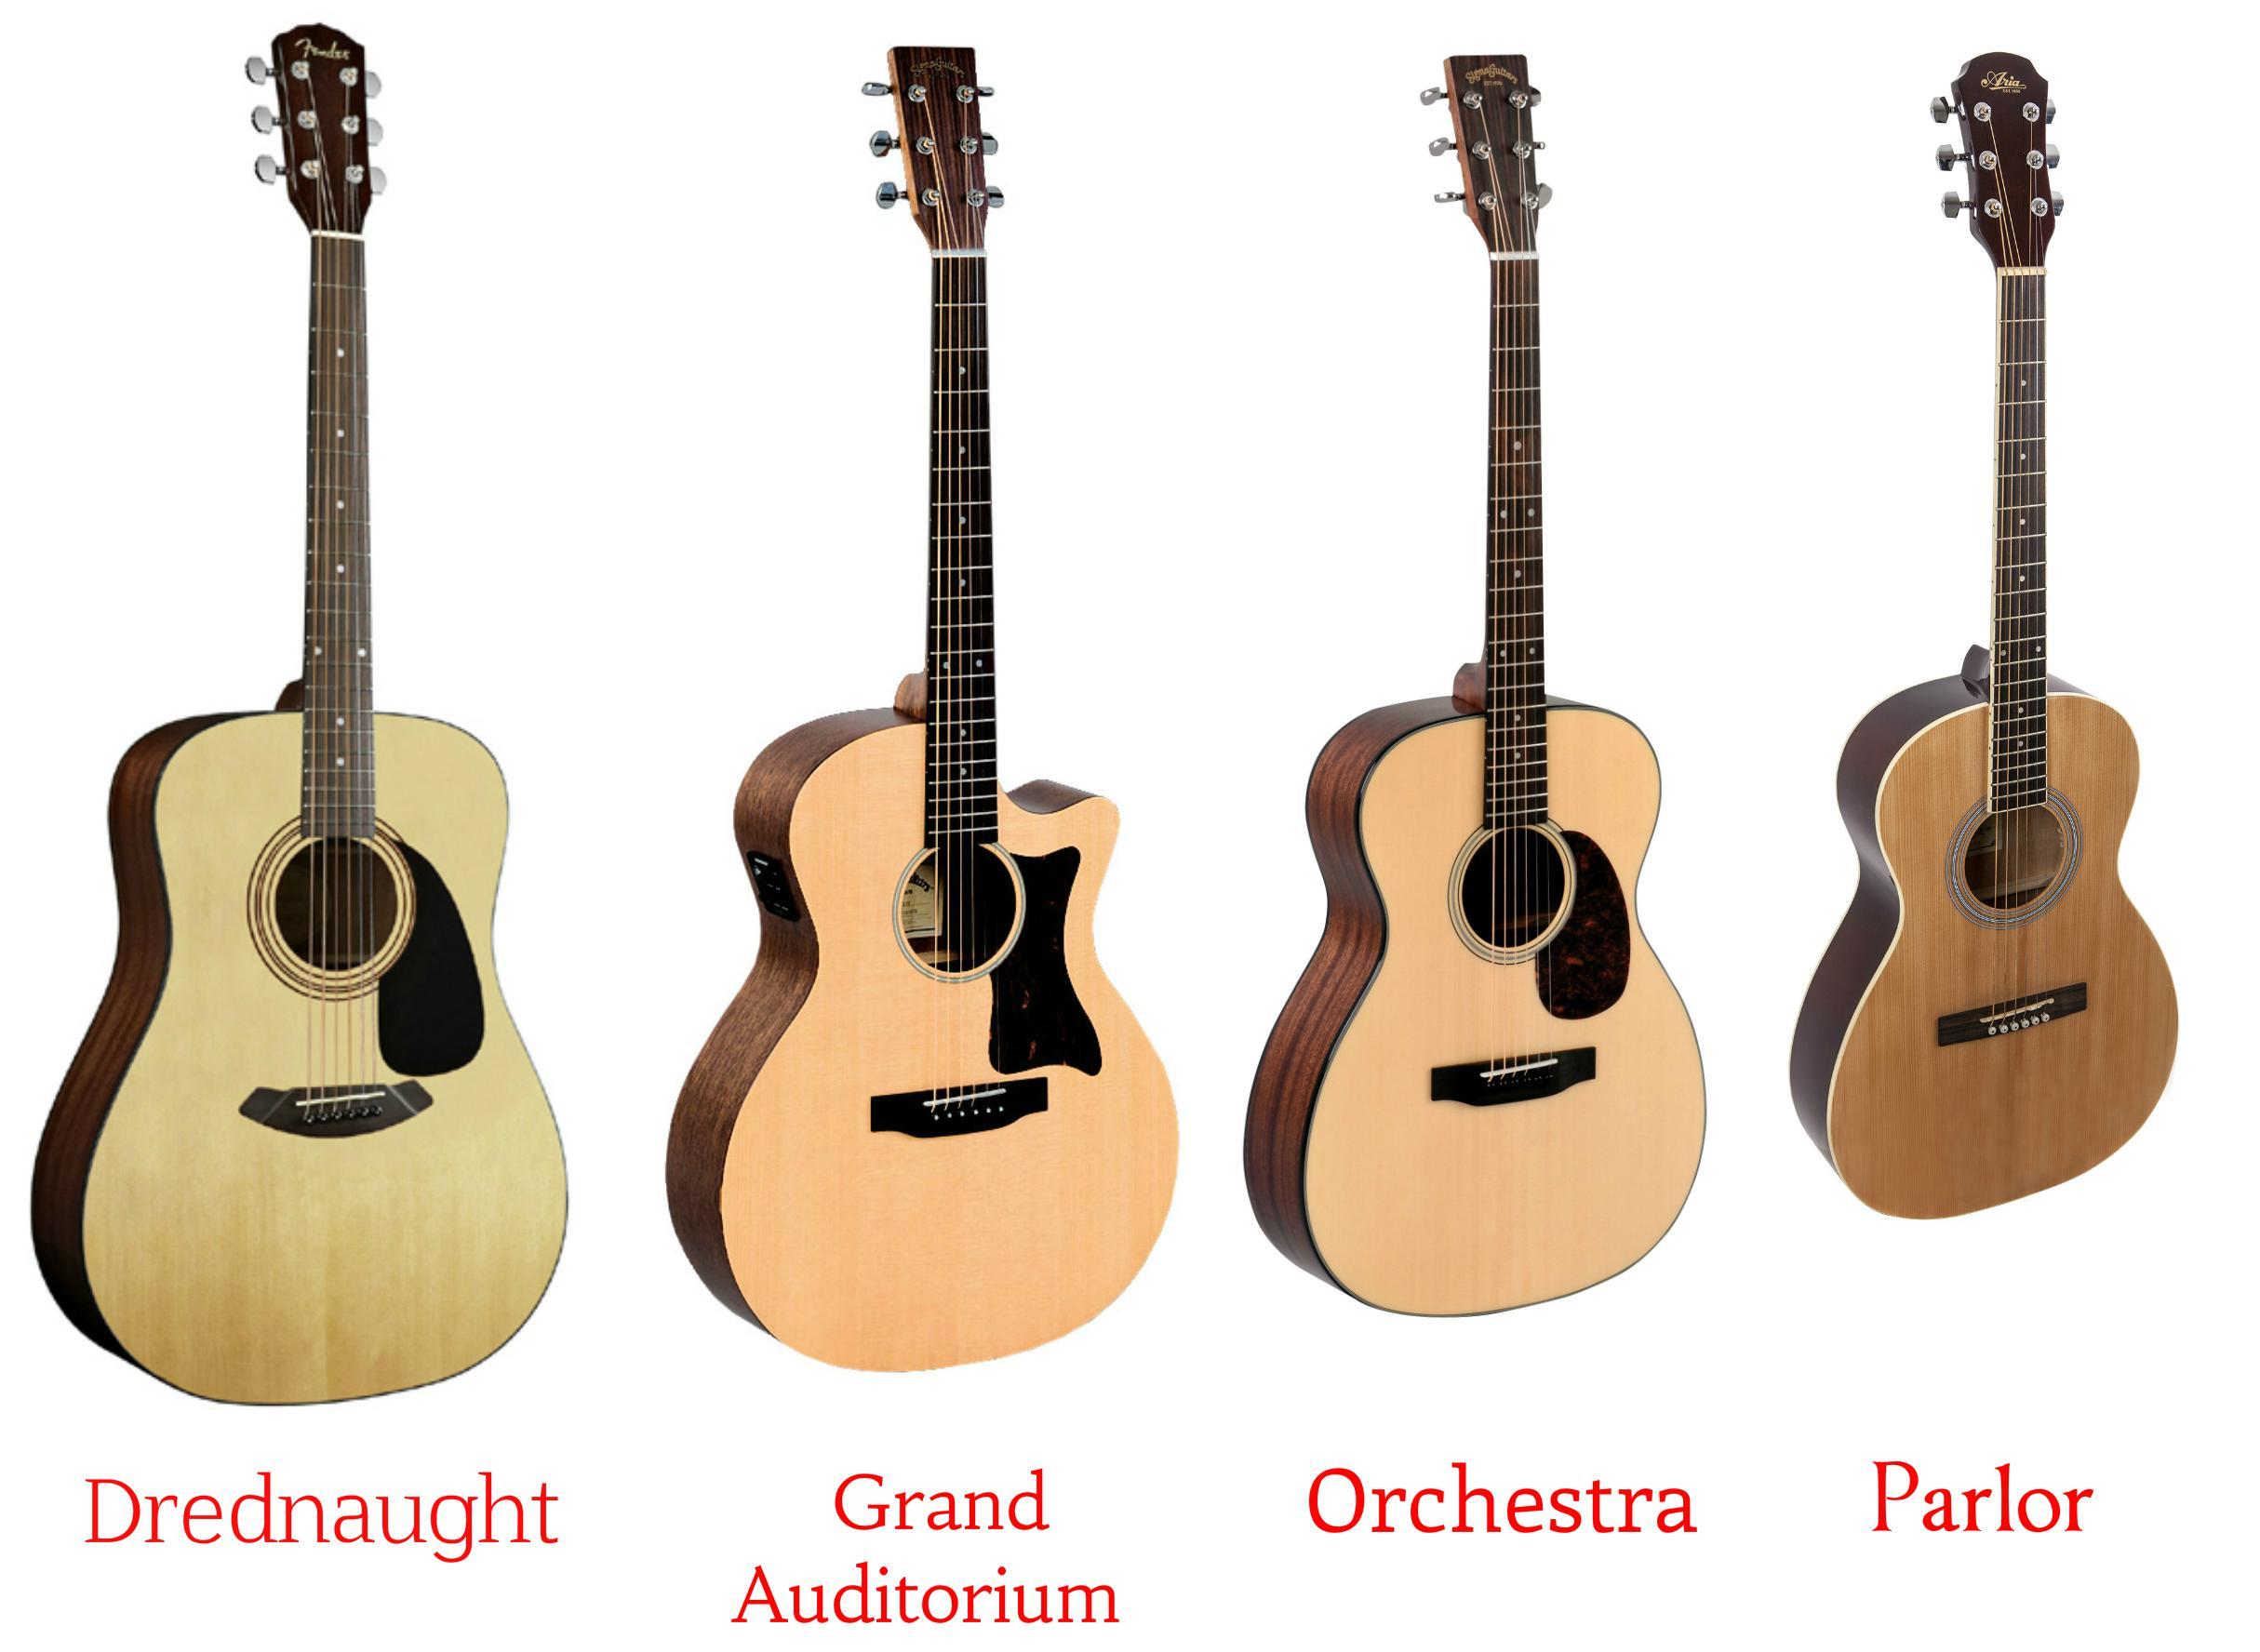 Гитары: от дредноута до Parlor